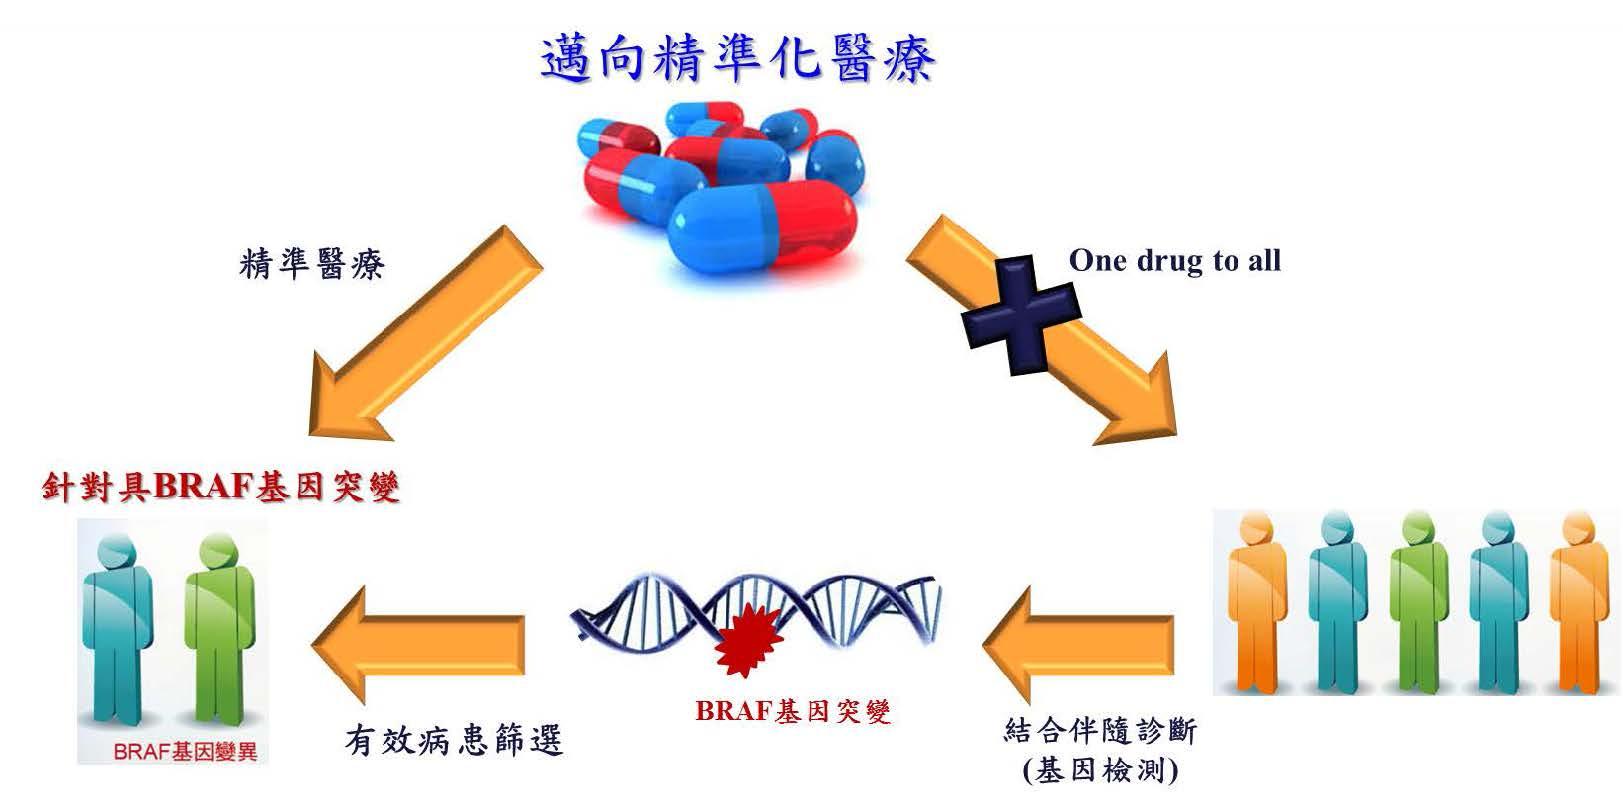 以精準醫療藥物開發模式,提供具BRAF基因變異之病患用藥新選擇